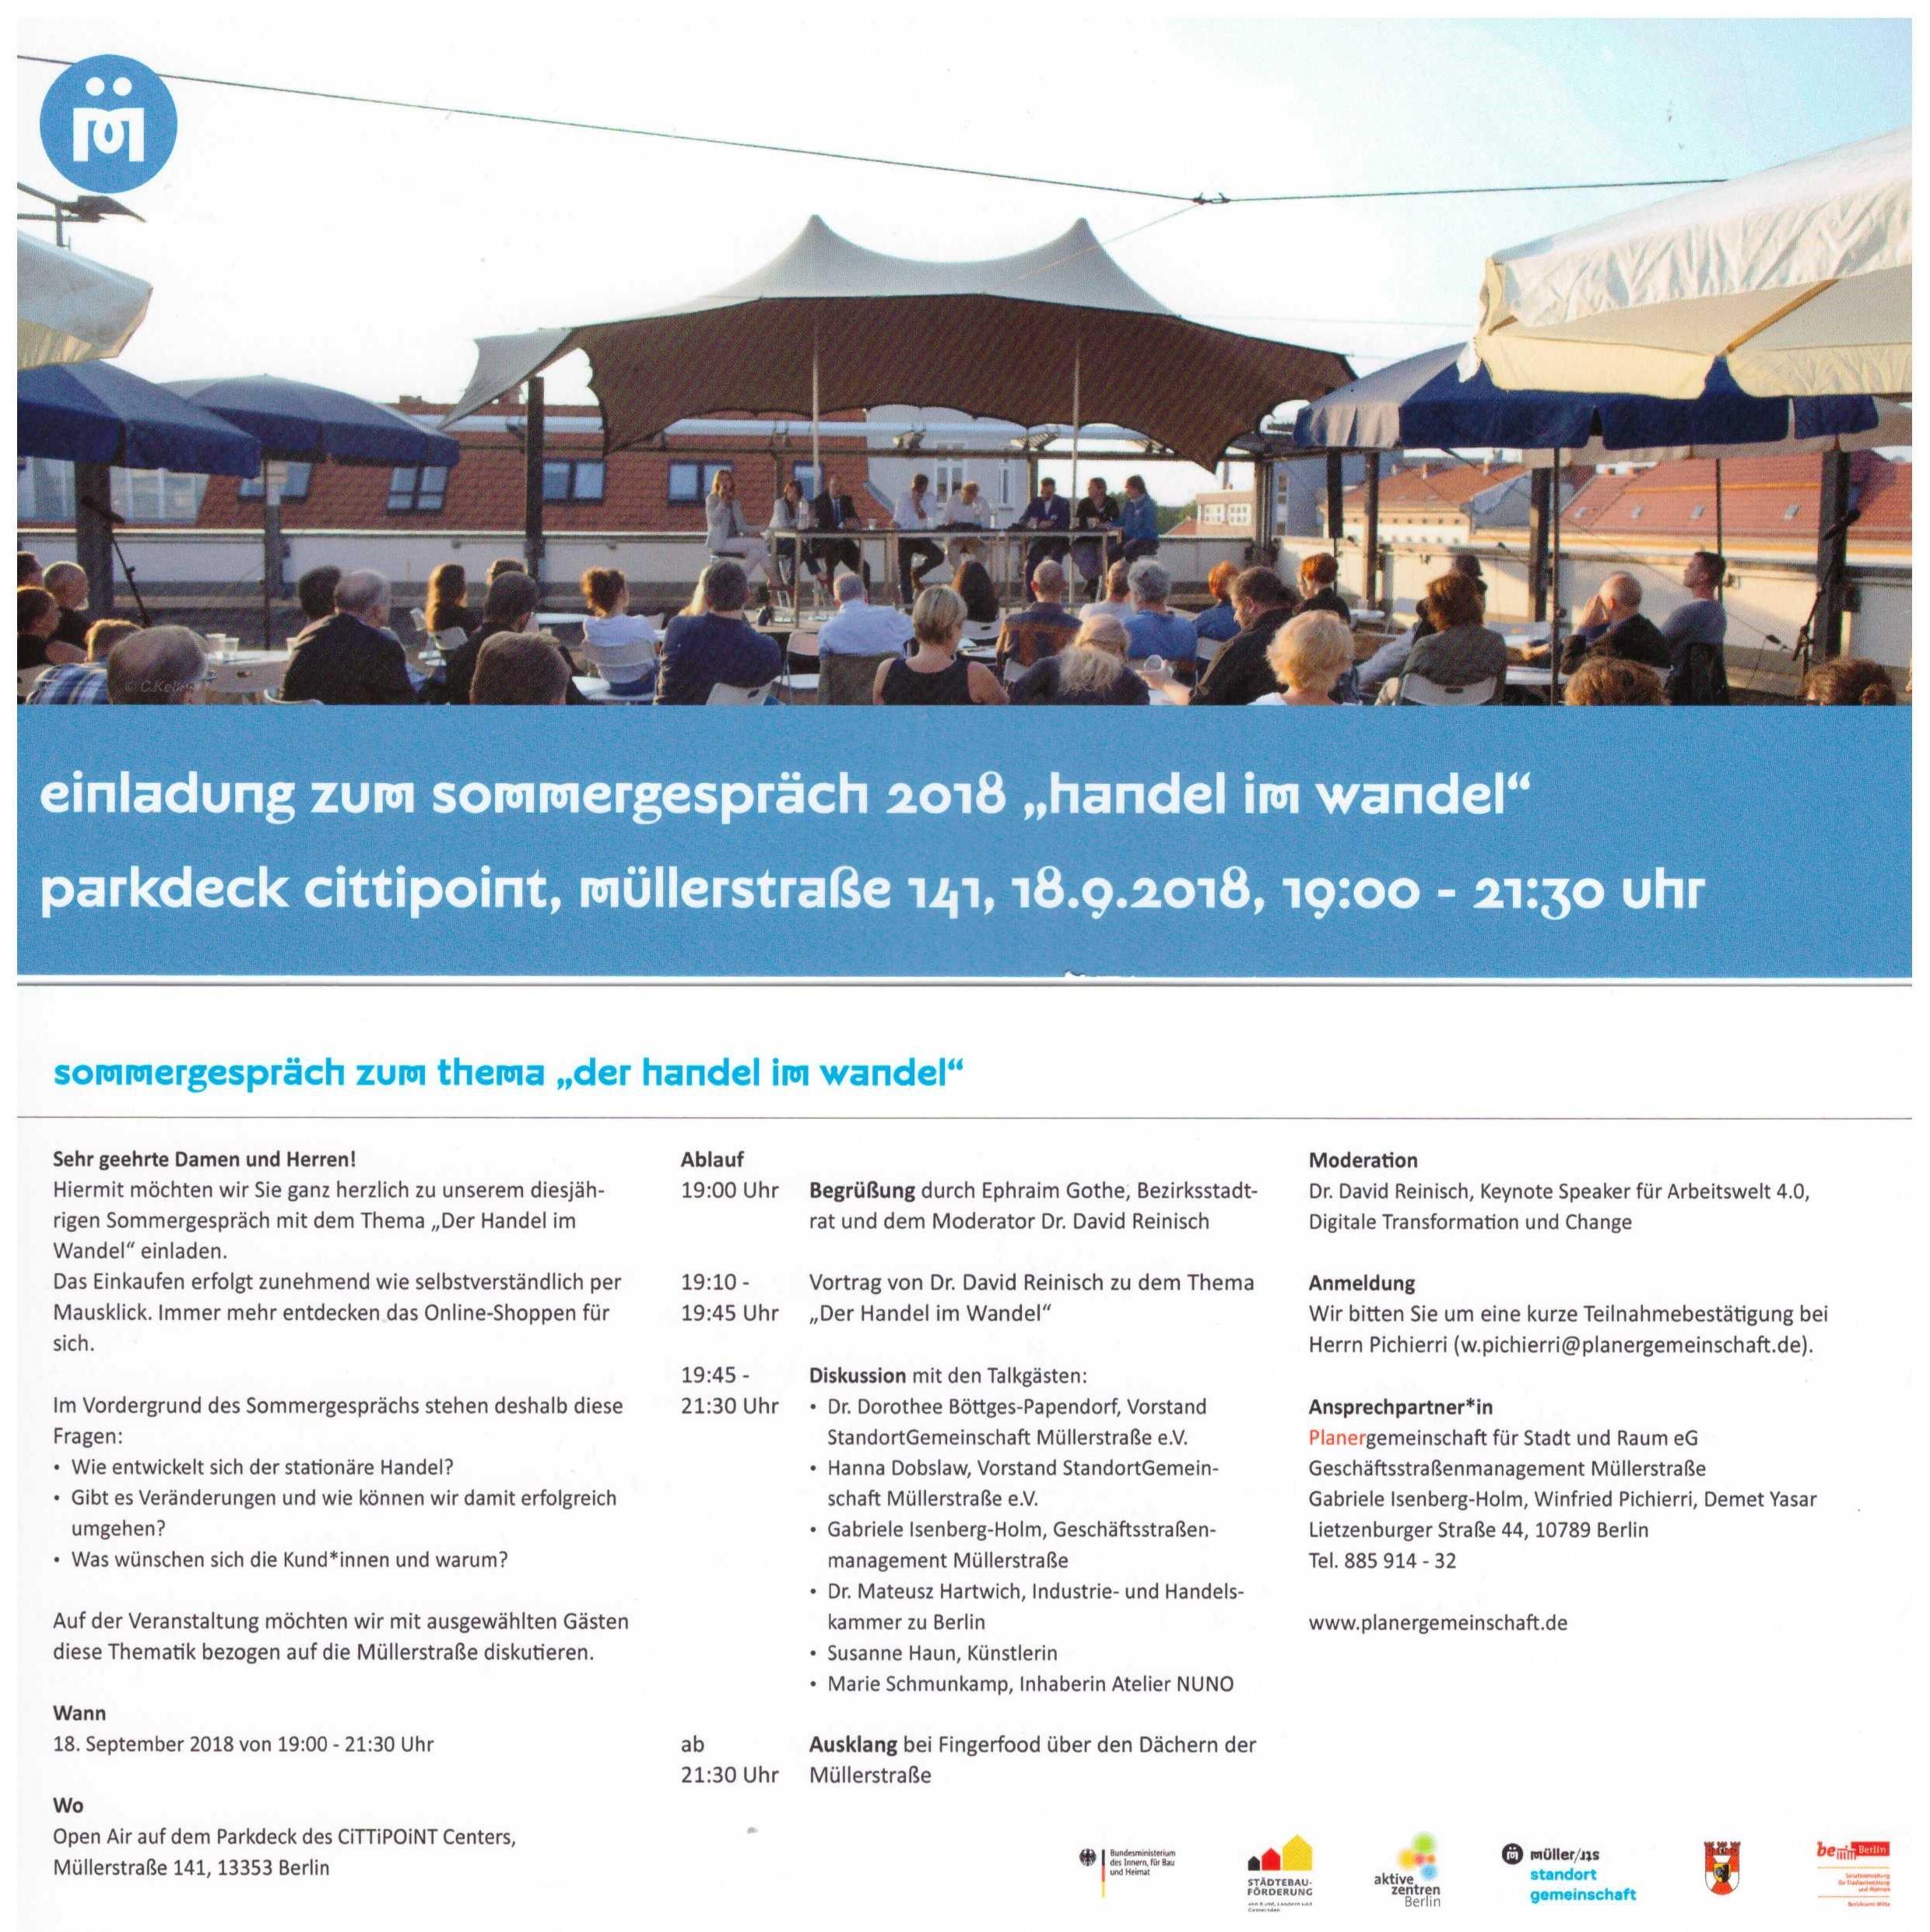 Sommergespräch 2018 - Bezirksamt Mitte  - StandortGemeinschaft Müllerstrasse e.V. - Planergemeinschaft für Stadt und Raum eG